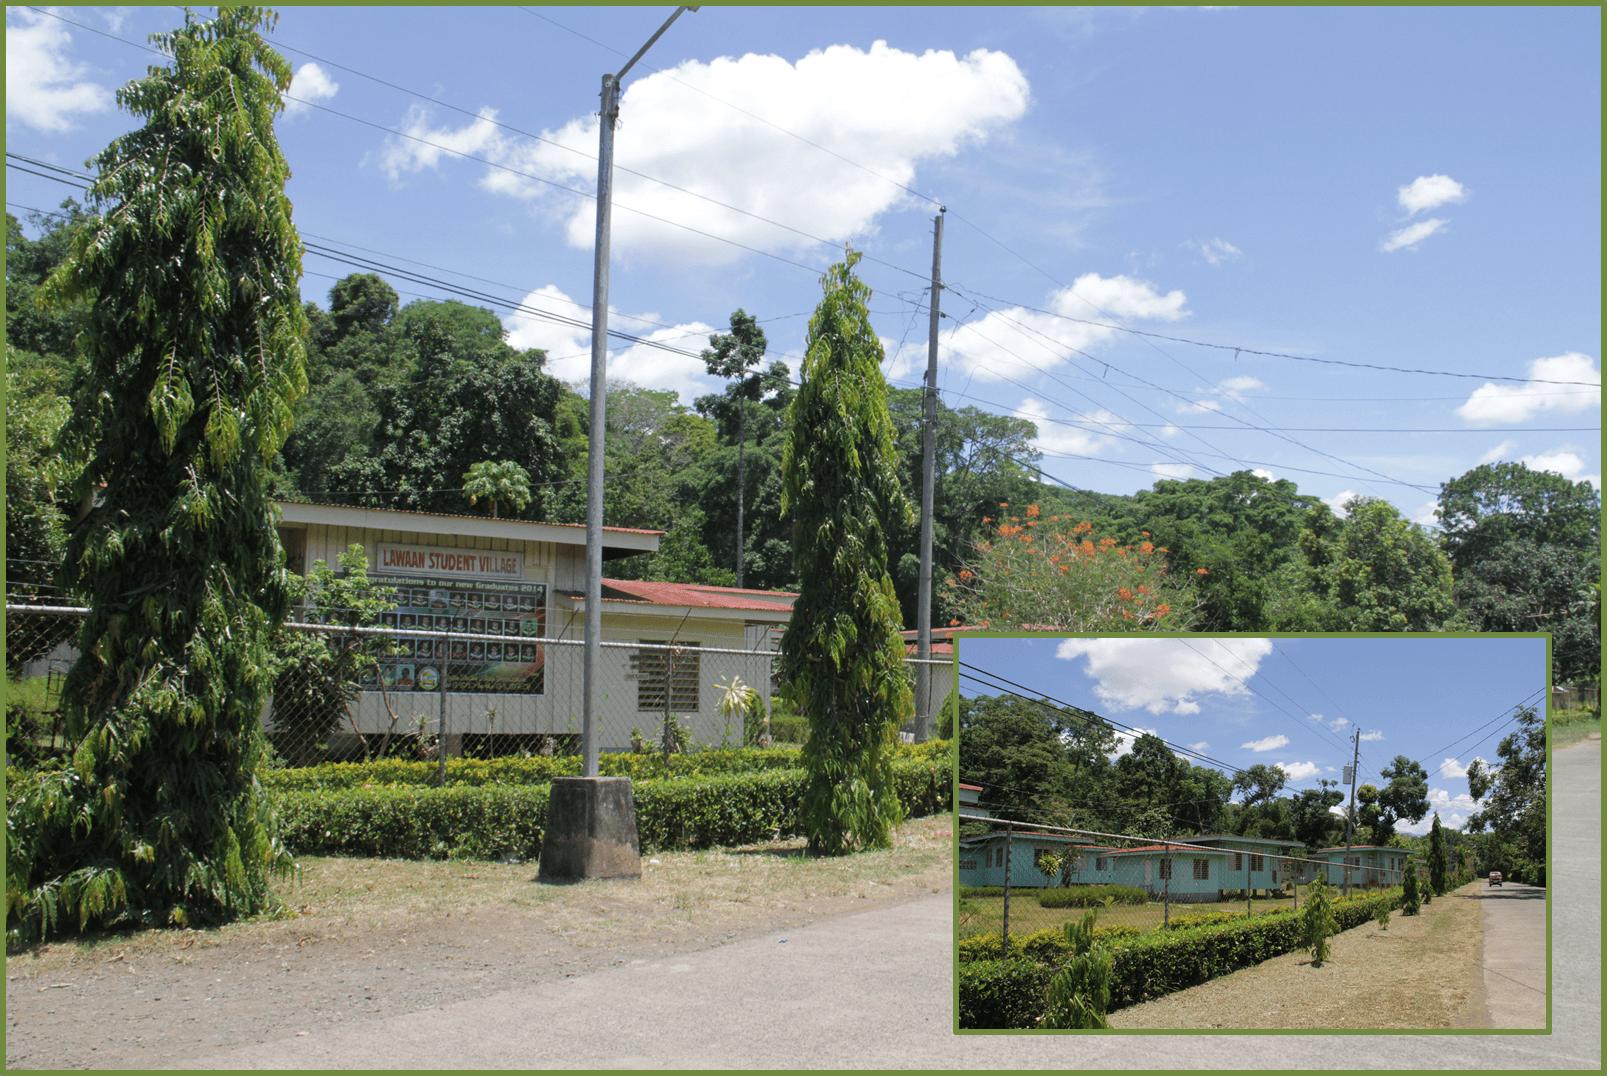 Lawaan Student Village